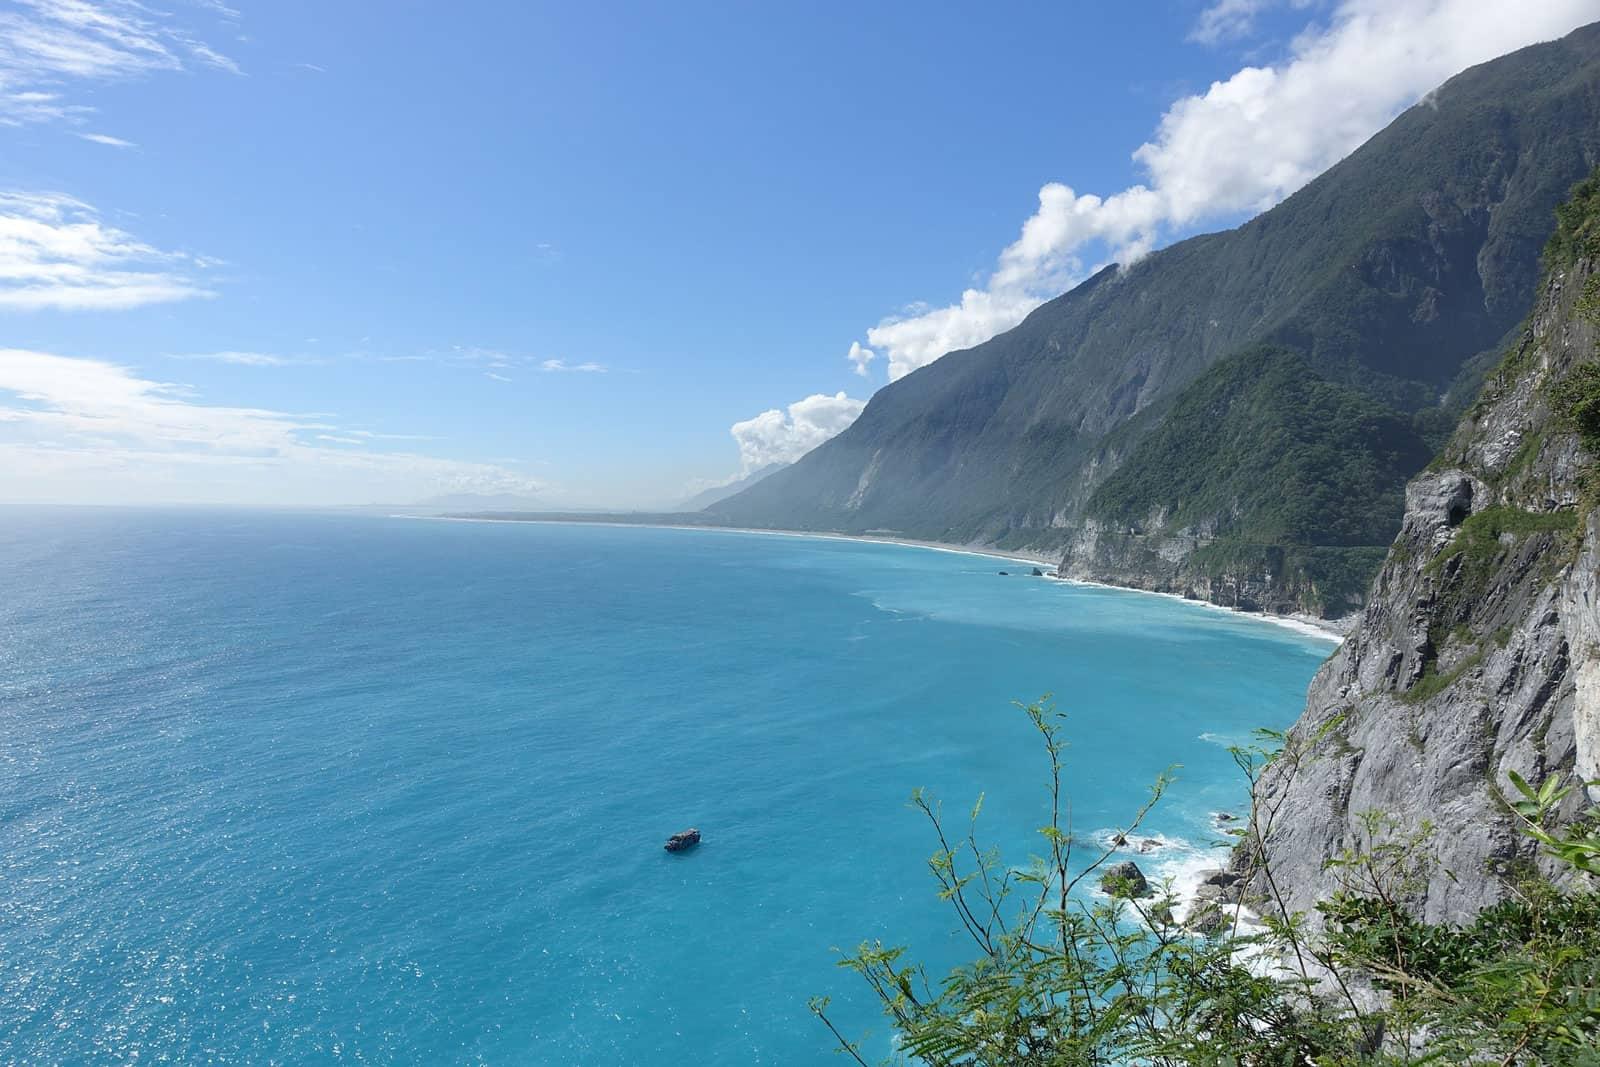 Coastline near Hualien, Taiwan